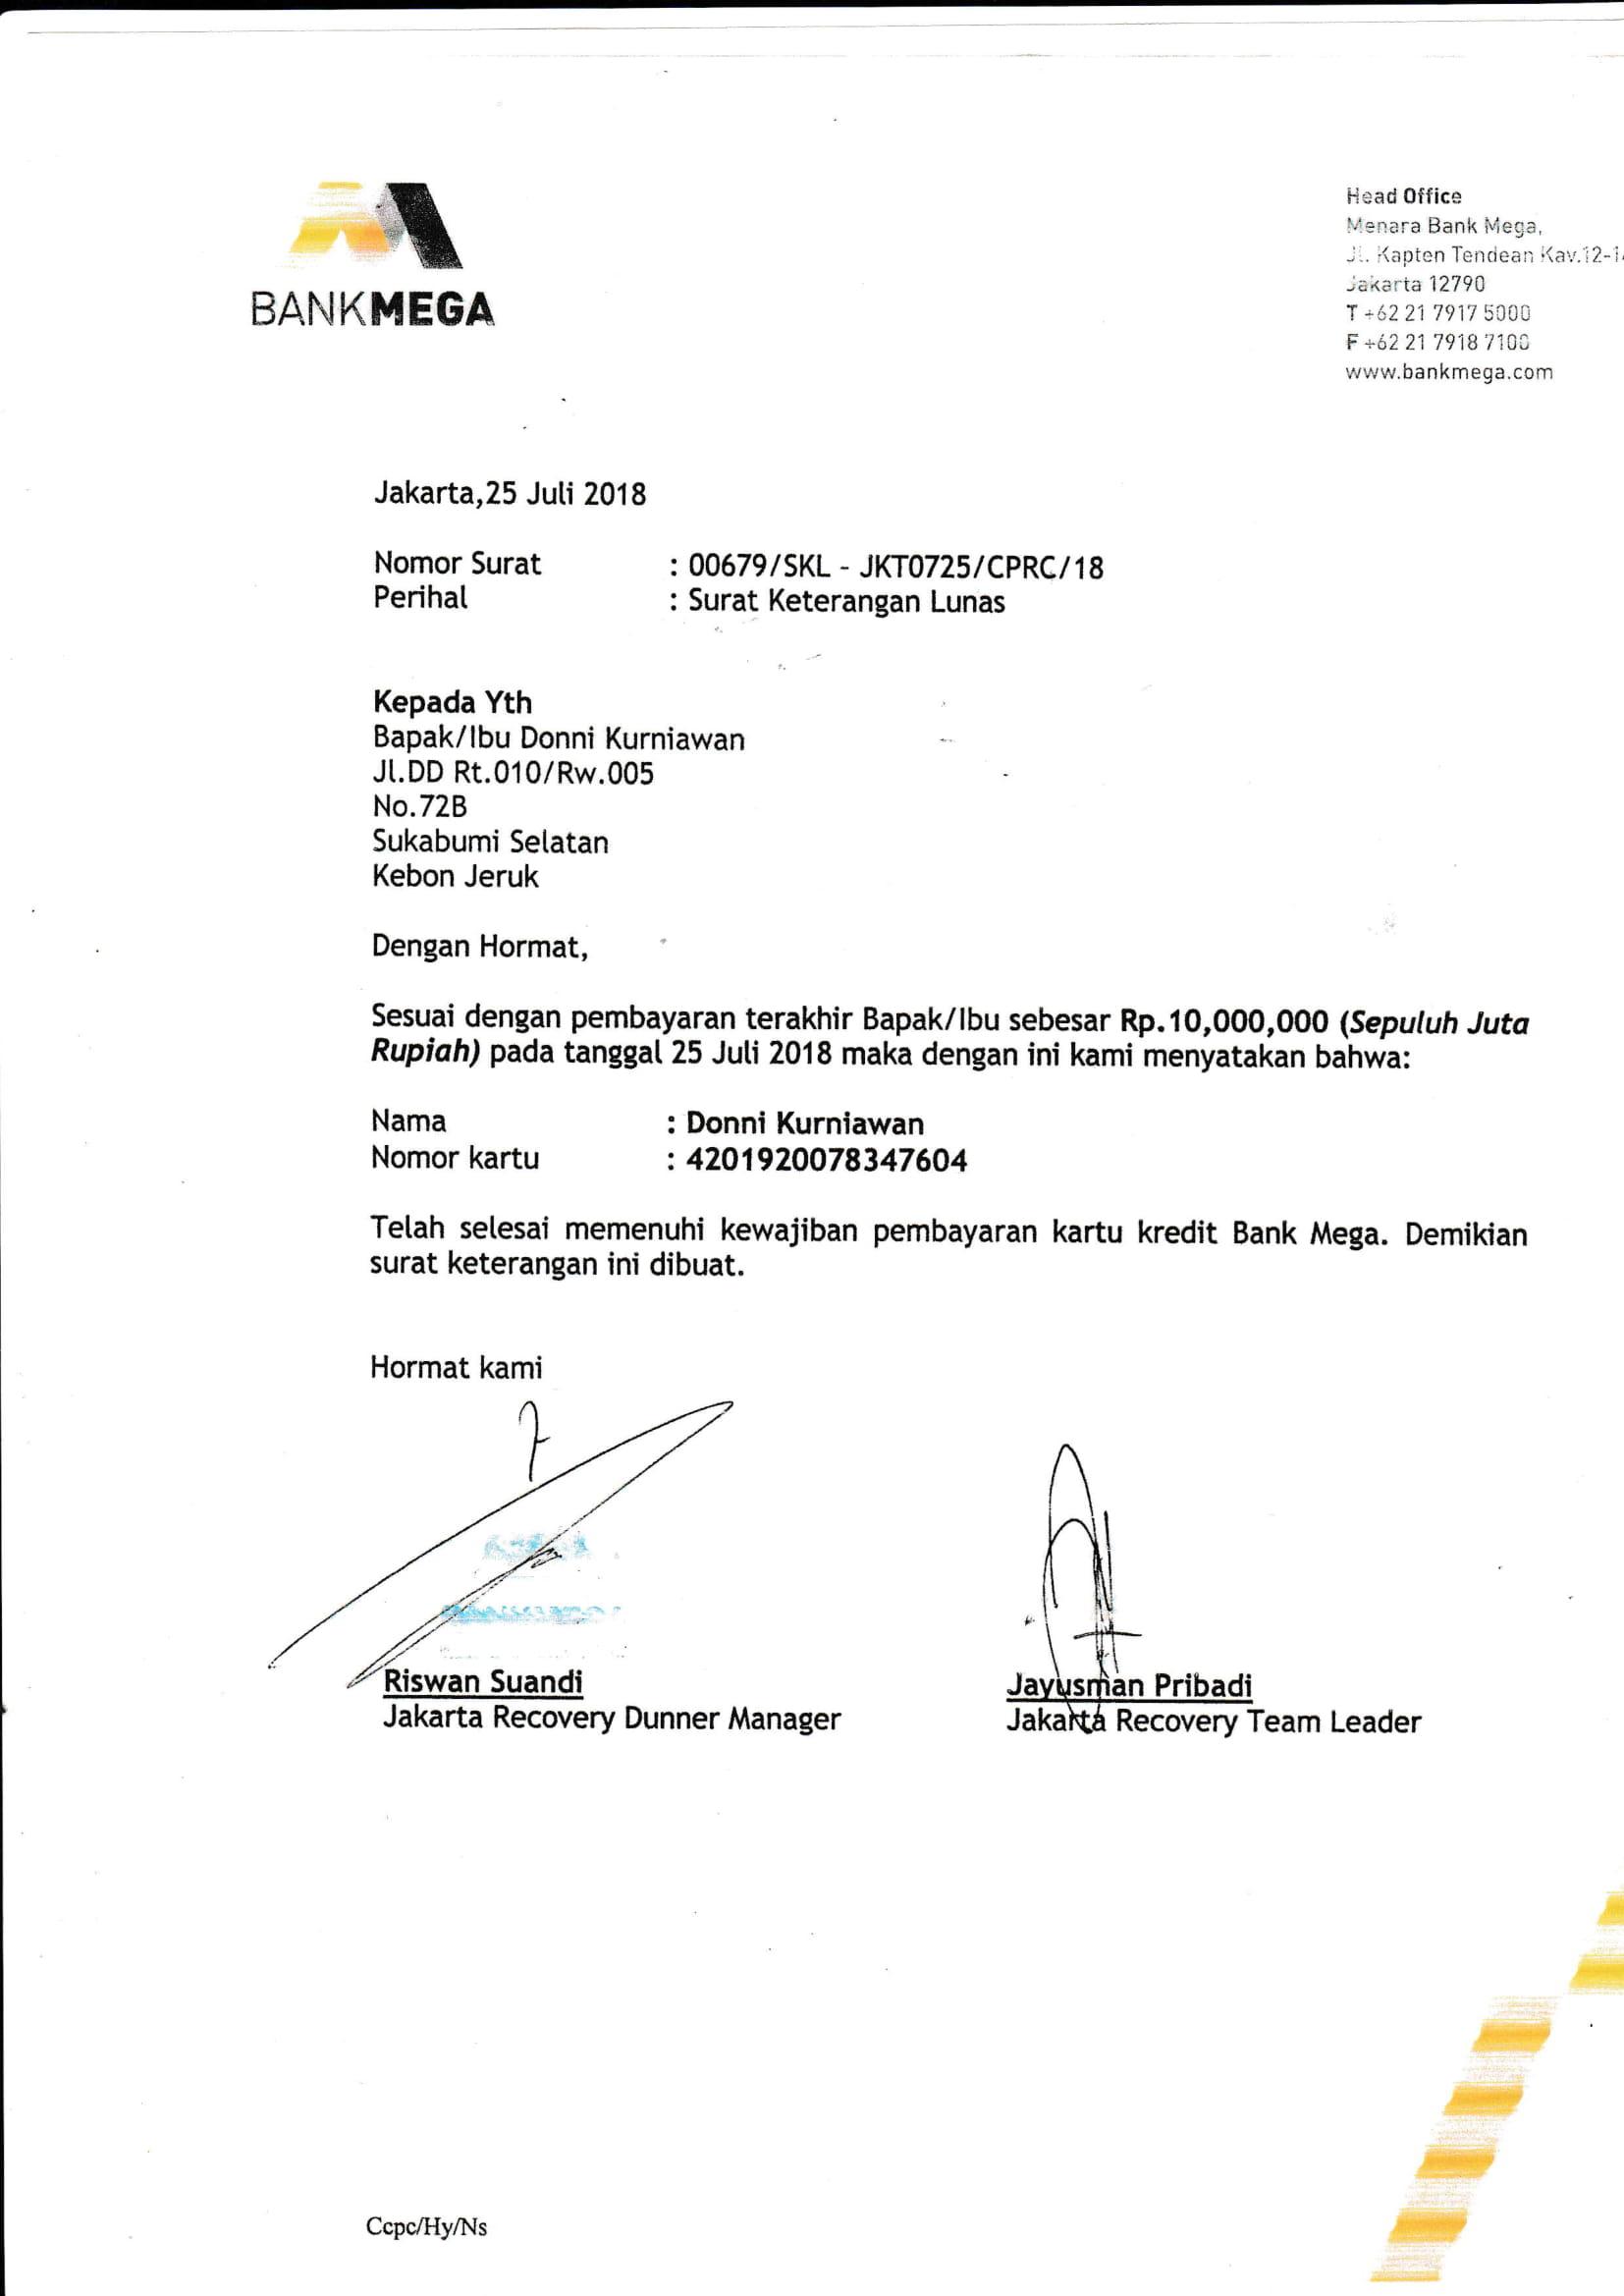 Contoh Surat Pernyataan Pelunasan Kartu Kredit Bank Mega Download Kumpulan Gambar